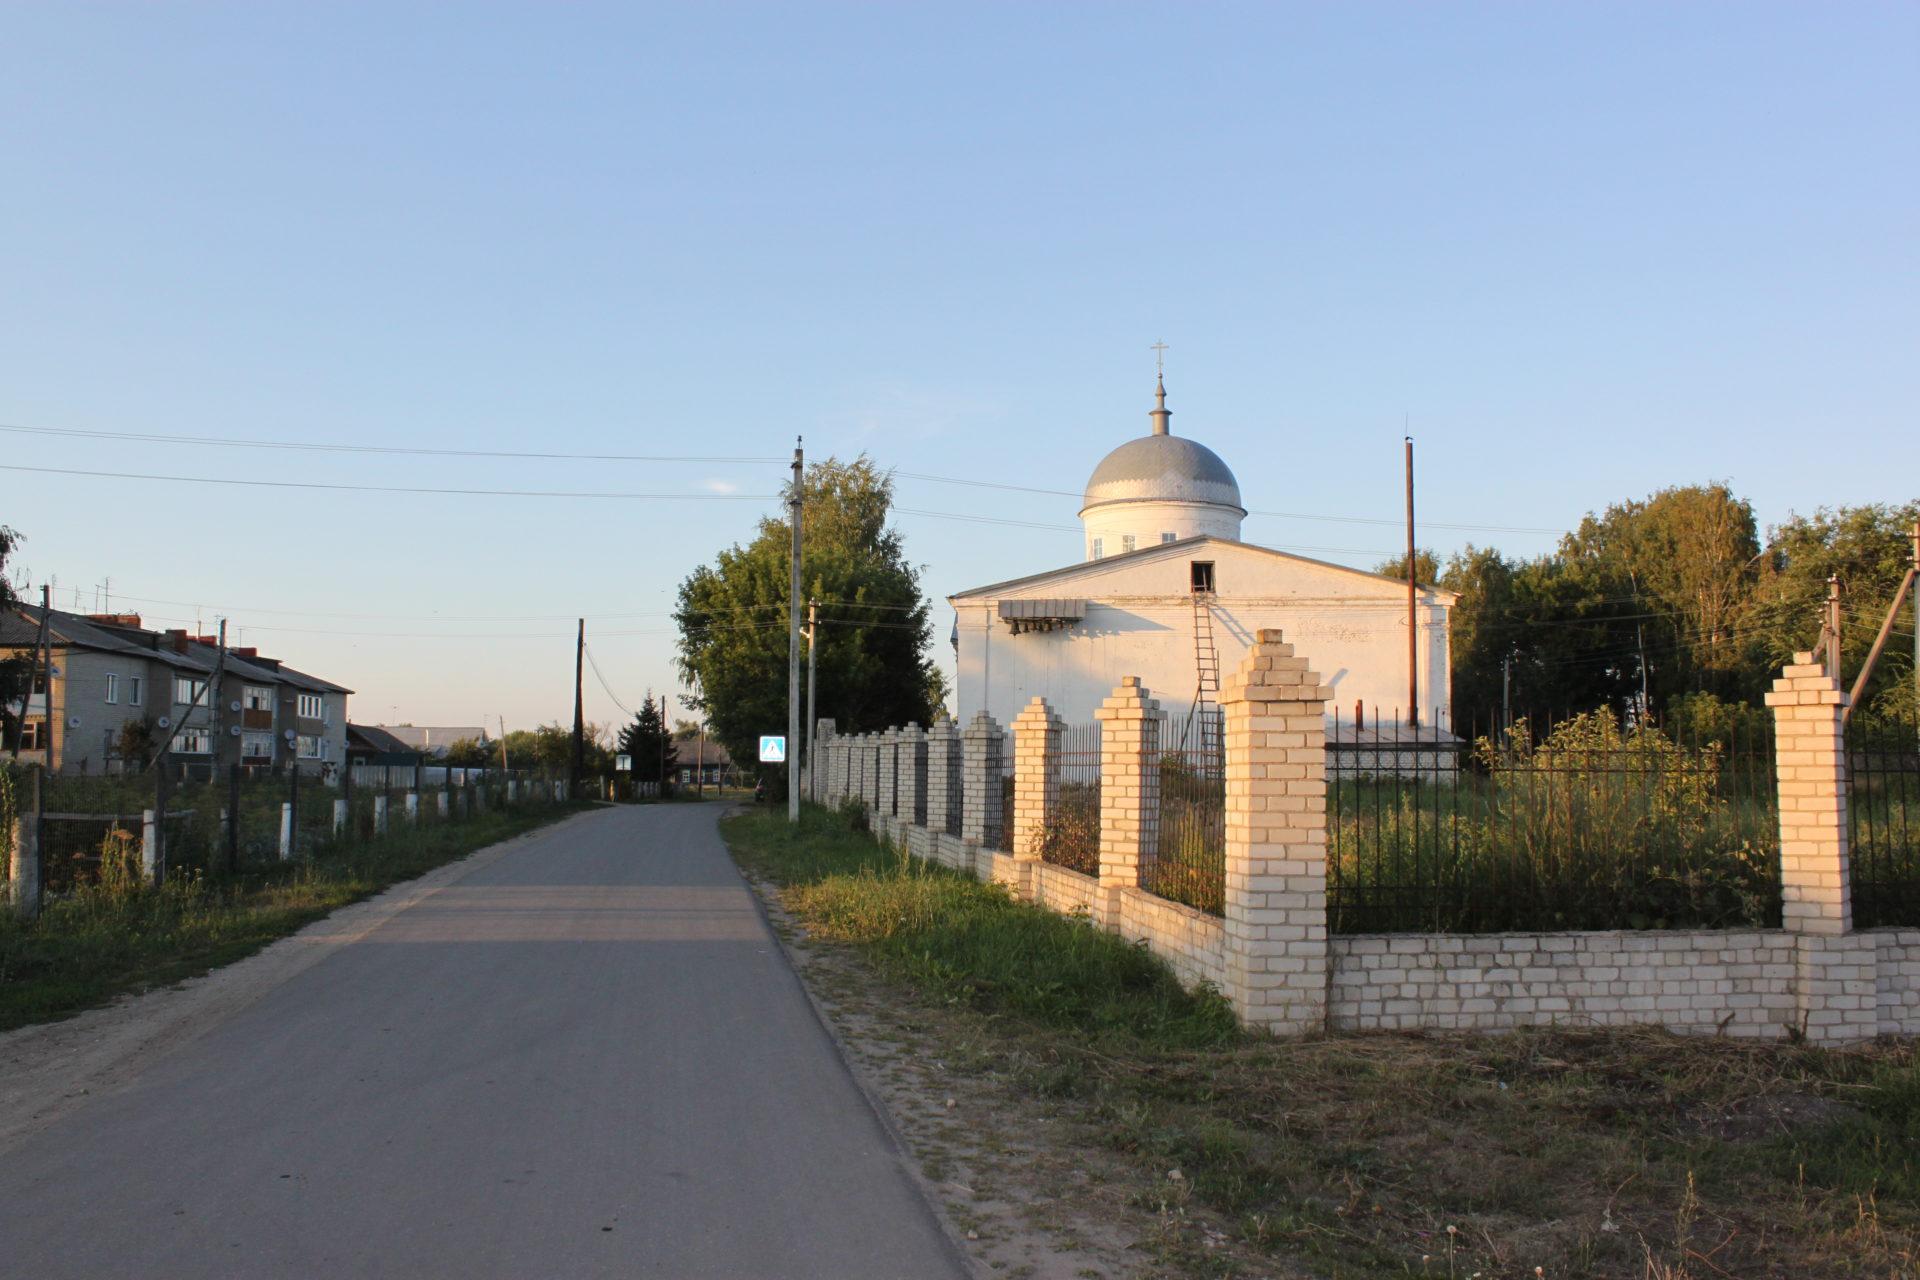 Блог поездки 05.08.2018 в село Троицк, Ковылкинского района, Республика Мордовия